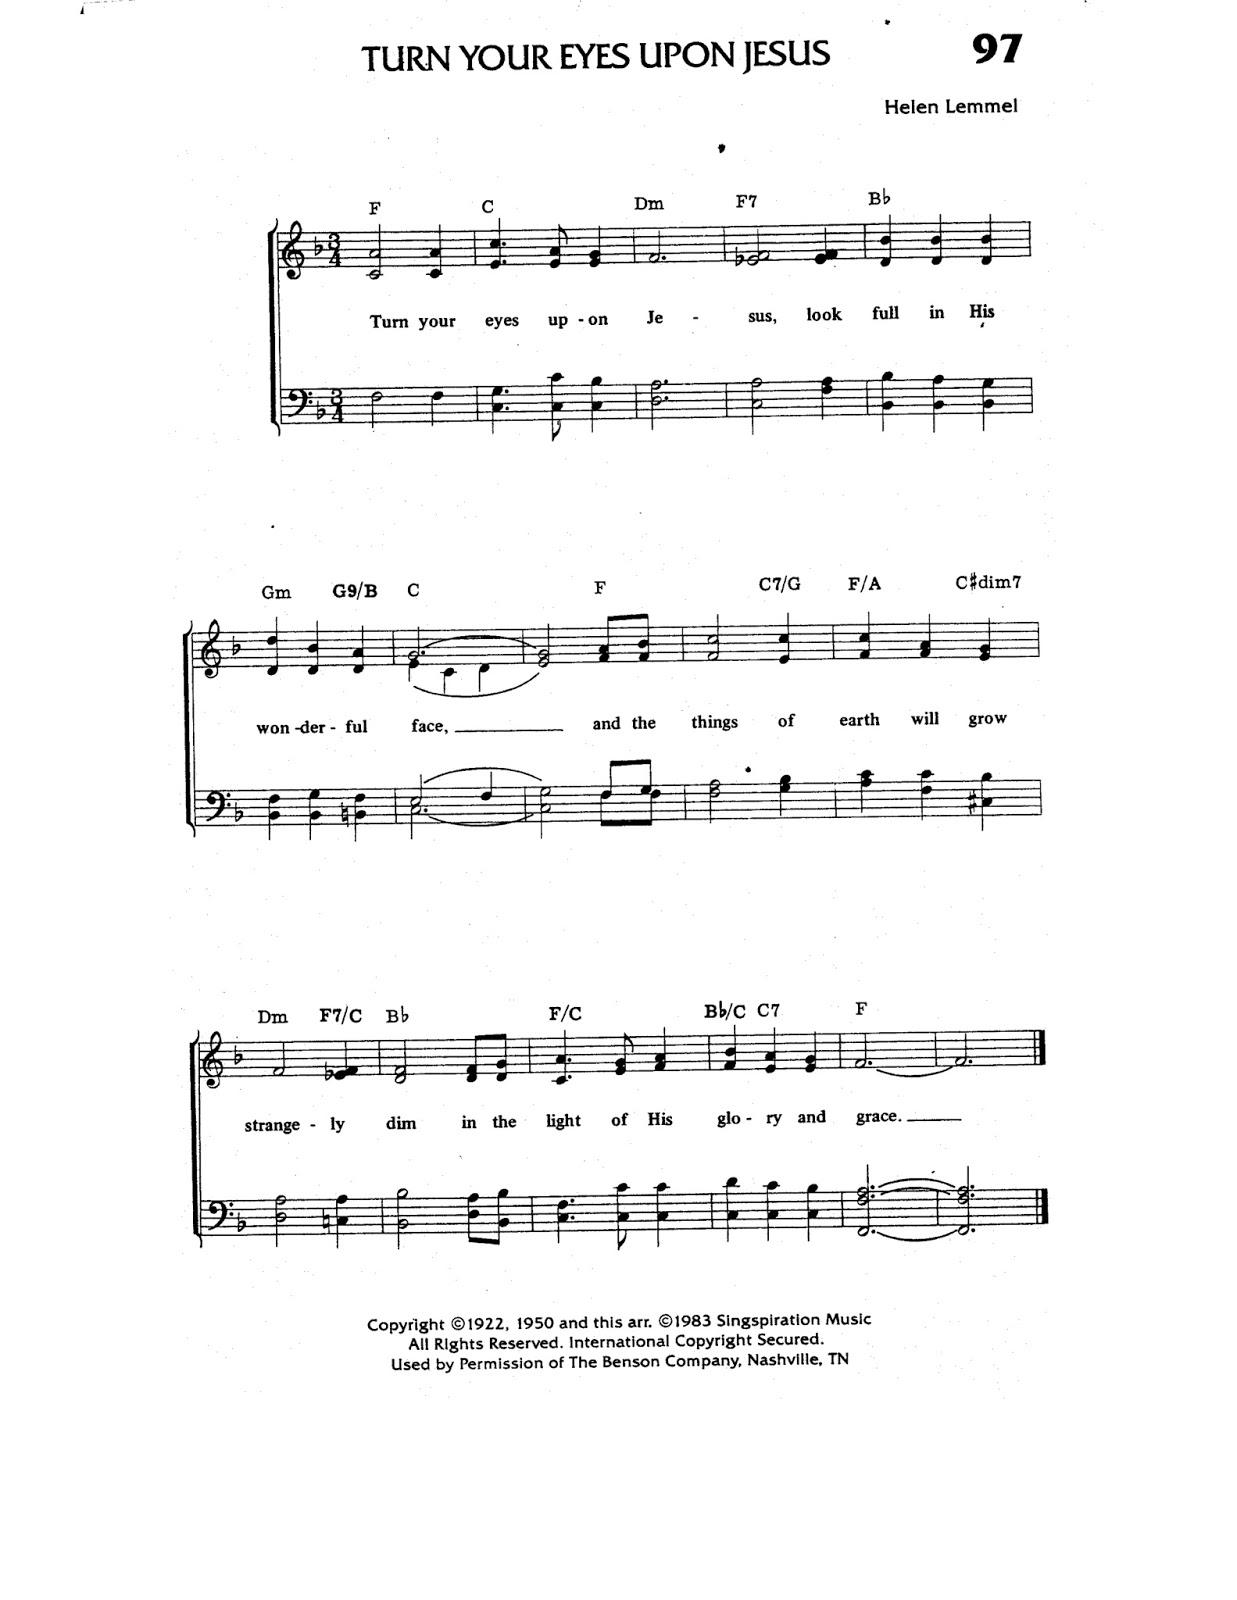 turn your eyes upon jesus lead sheet pdf